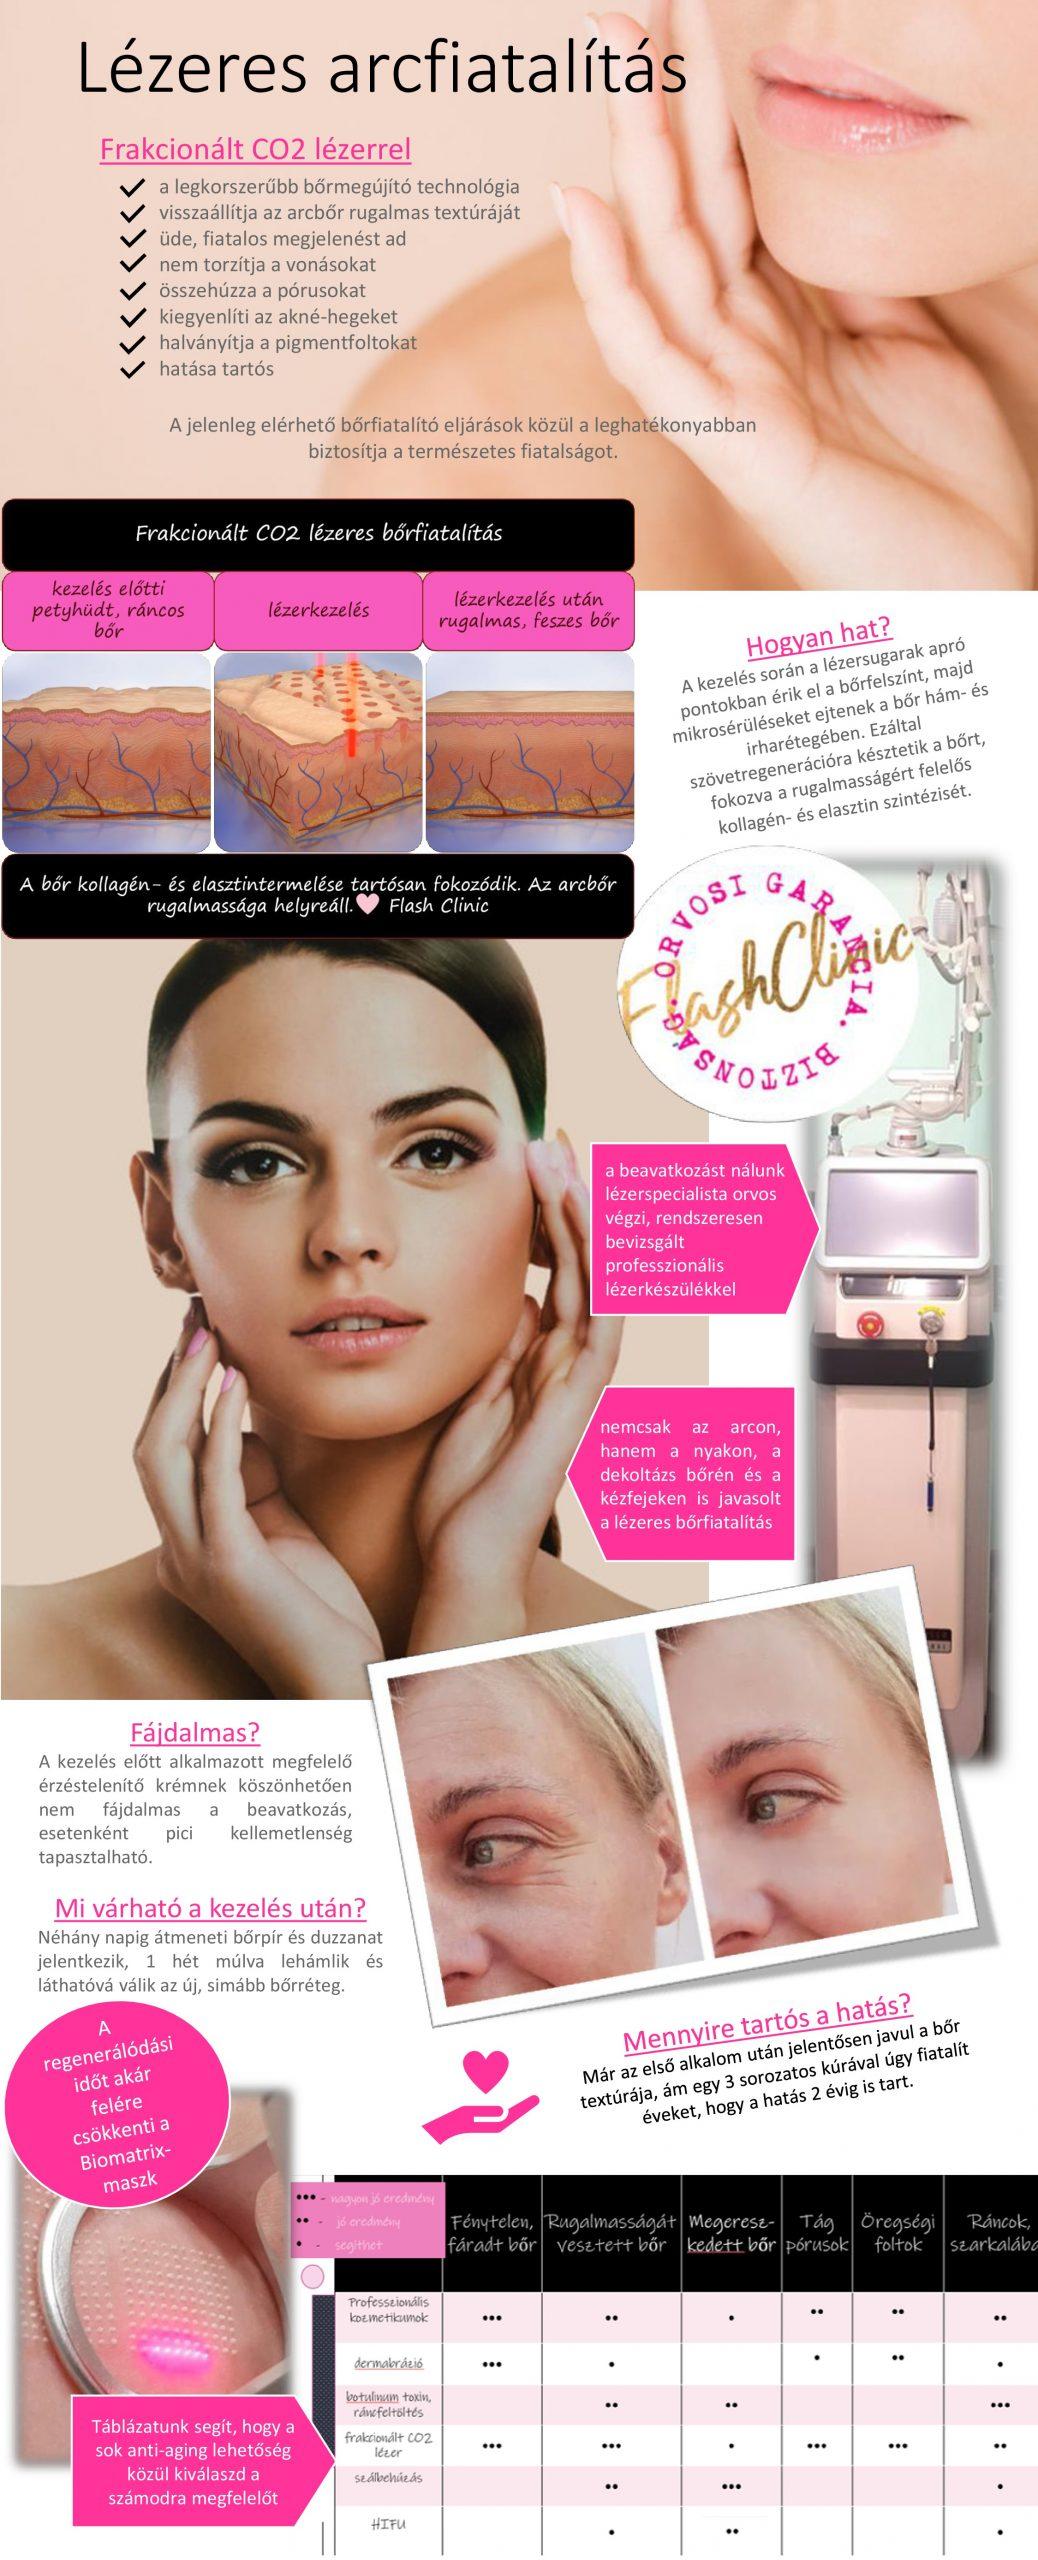 Lézeres arcfiatalítás, A legkorszerűbb frakcionált CO2 lézeres technológia hosszú időre visszaállítja az arcbőr rugalmas textúráját, biztosítja üde, fiatalos megjelenését. Nem torzítja a vonásokat, a jelenleg elérhető bőrfiatalító eljárások közül a legtermészetesebb fiatalságot biztosítja. A kezelést lézerspecialista orvos végzi, az erre legalkalmasabb, rendszeresen bevizsgált professzionális lézerkészülékkel.  Lézeres arcfiatalítás: a frakcionált szén-dioxid (CO2) lézeres arckezelés során a sugárnyalábok a beállított paramétereknek megfelelő sűrűségben és mélységben mikrosérüléseket ejtenek a bőr mélyebb rétegeiben, ezáltal összehúzzák a kötőszövetet és stimulálják a kollagénszintézist, felgyorsítva a bőr természetes regenerációját. A frakcionált CO2 lézer jelenleg a leghatékonyabb bőrmegújító eljárás. Beavatkozás után pár napig átmeneti bőrpír és duzzanat jelenkezik, 1 hét után hámlás várható, ezt követően válik láthatóvá az új, simább bőrréteg. Egy 3 sorozatos kúra után akár 2 évig tart a hatás. Szakértői háttér mellett biztonsággal és jól kombinálható a többi arcfiatalító eljárással. Napfénytől tartózkodni kell, nyáron nem ajánlott. Lézeres hegkezelés: A frakcionált CO2 lézer a fenti hatásmechanizmussal kiválóan alkalmas az akné-hegek, bőregyenetlenségek és pigmentfoltok korrekciójára is.